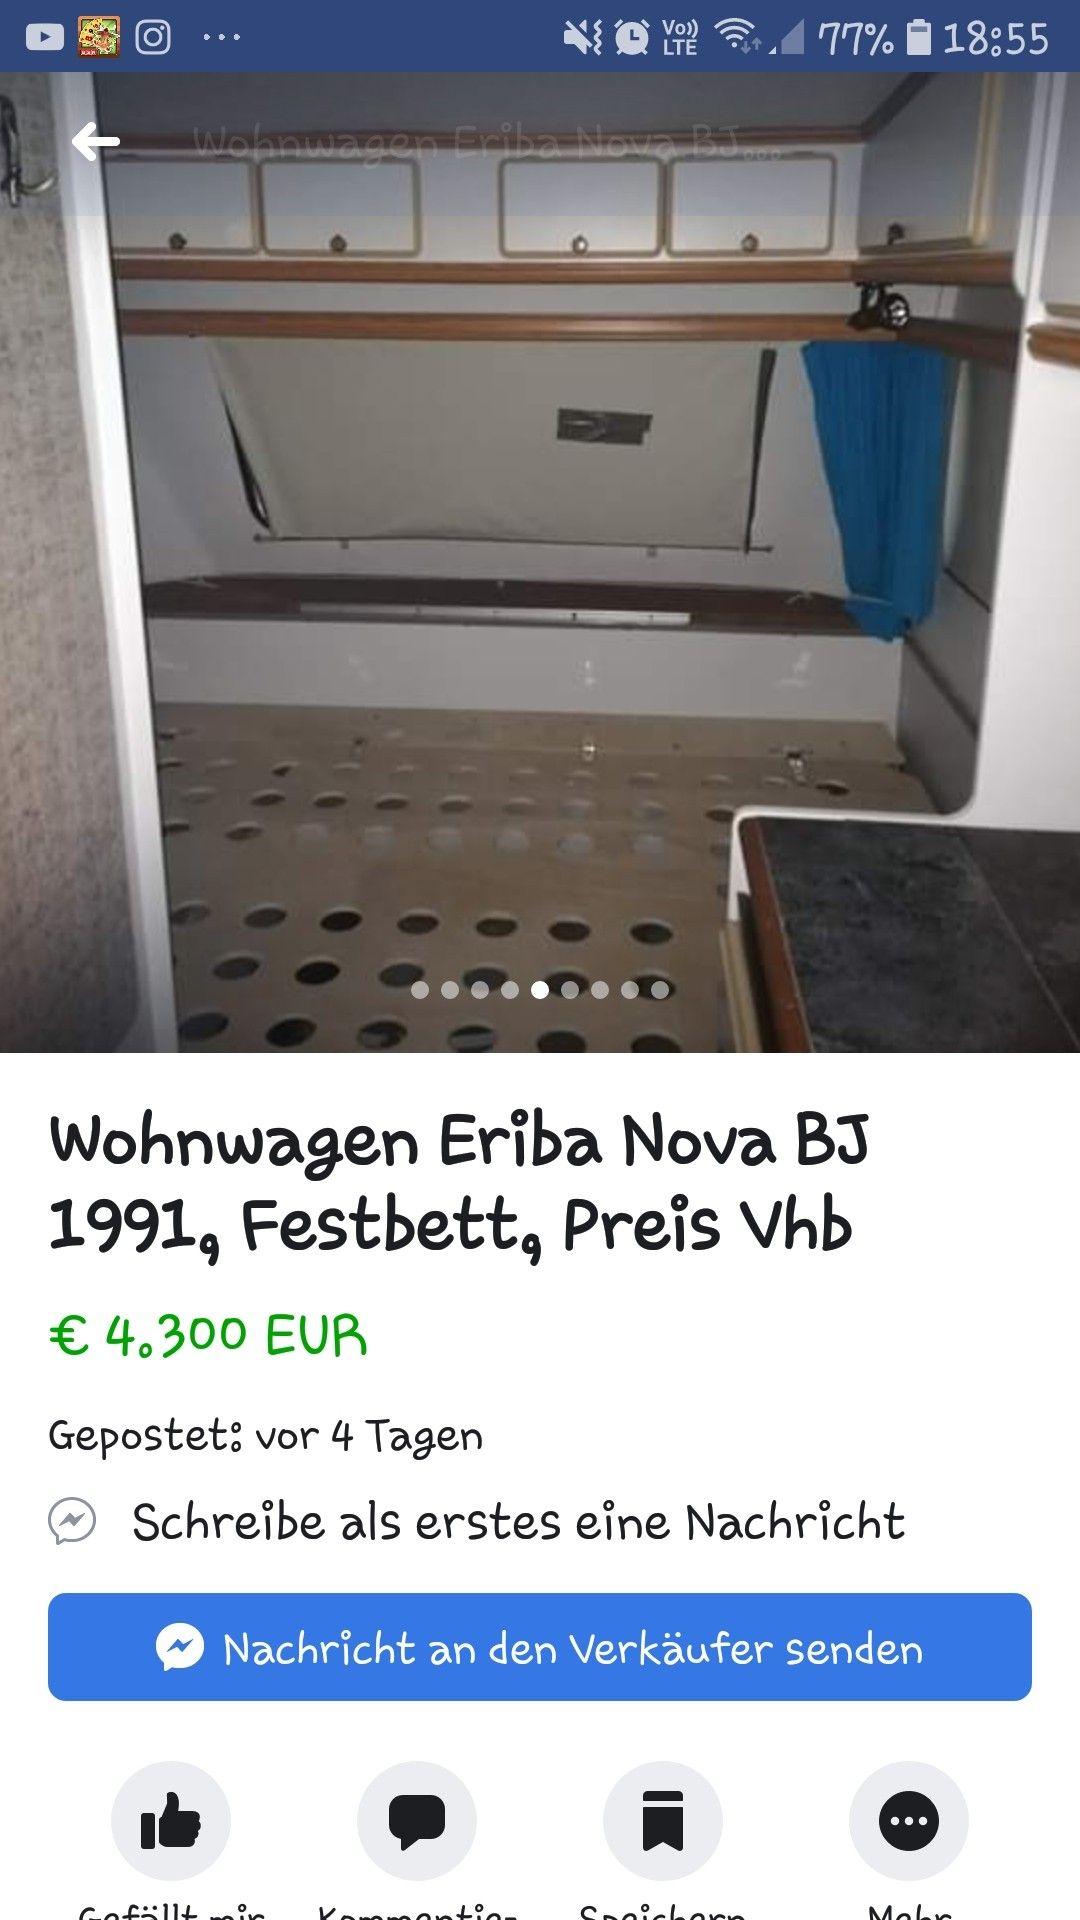 Pin Von Schmidig Patrizia Auf Camping Mit Bildern Wohnen